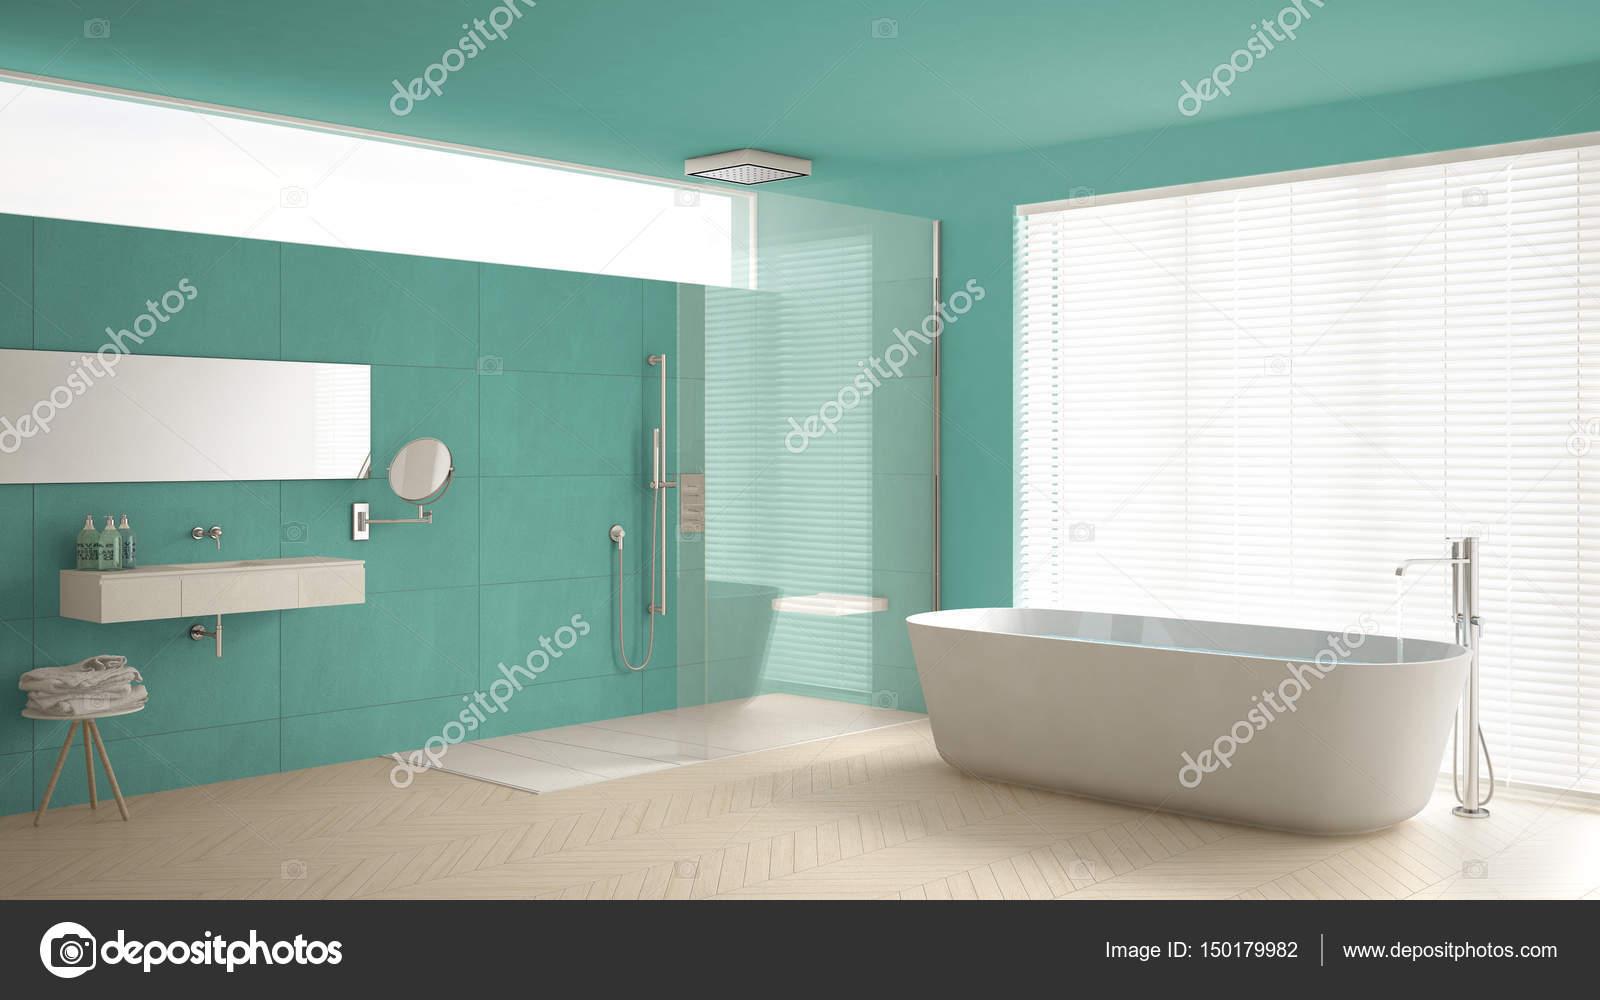 Piastrelle Bagno Turchese : Stanza da bagno con vasca e doccia pavimento in parquet e m